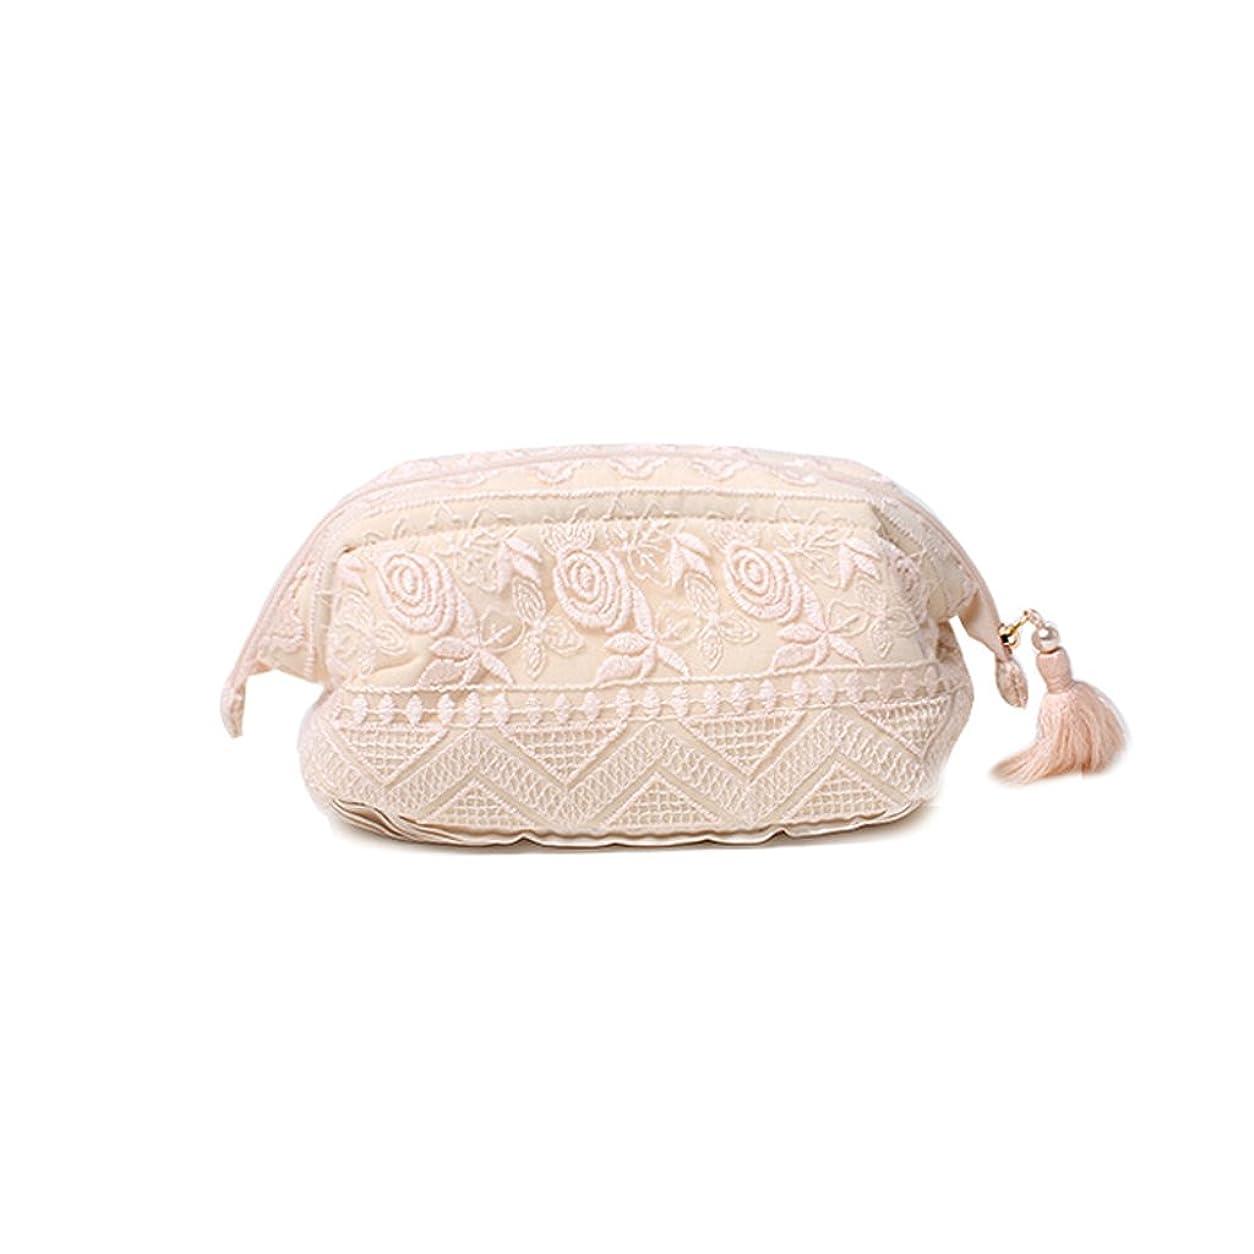 降臨借りているクラッシュWANGXIAOLIN レースフラワー刺繍の化粧品バッグ大容量収納袋 (色 : Pink)